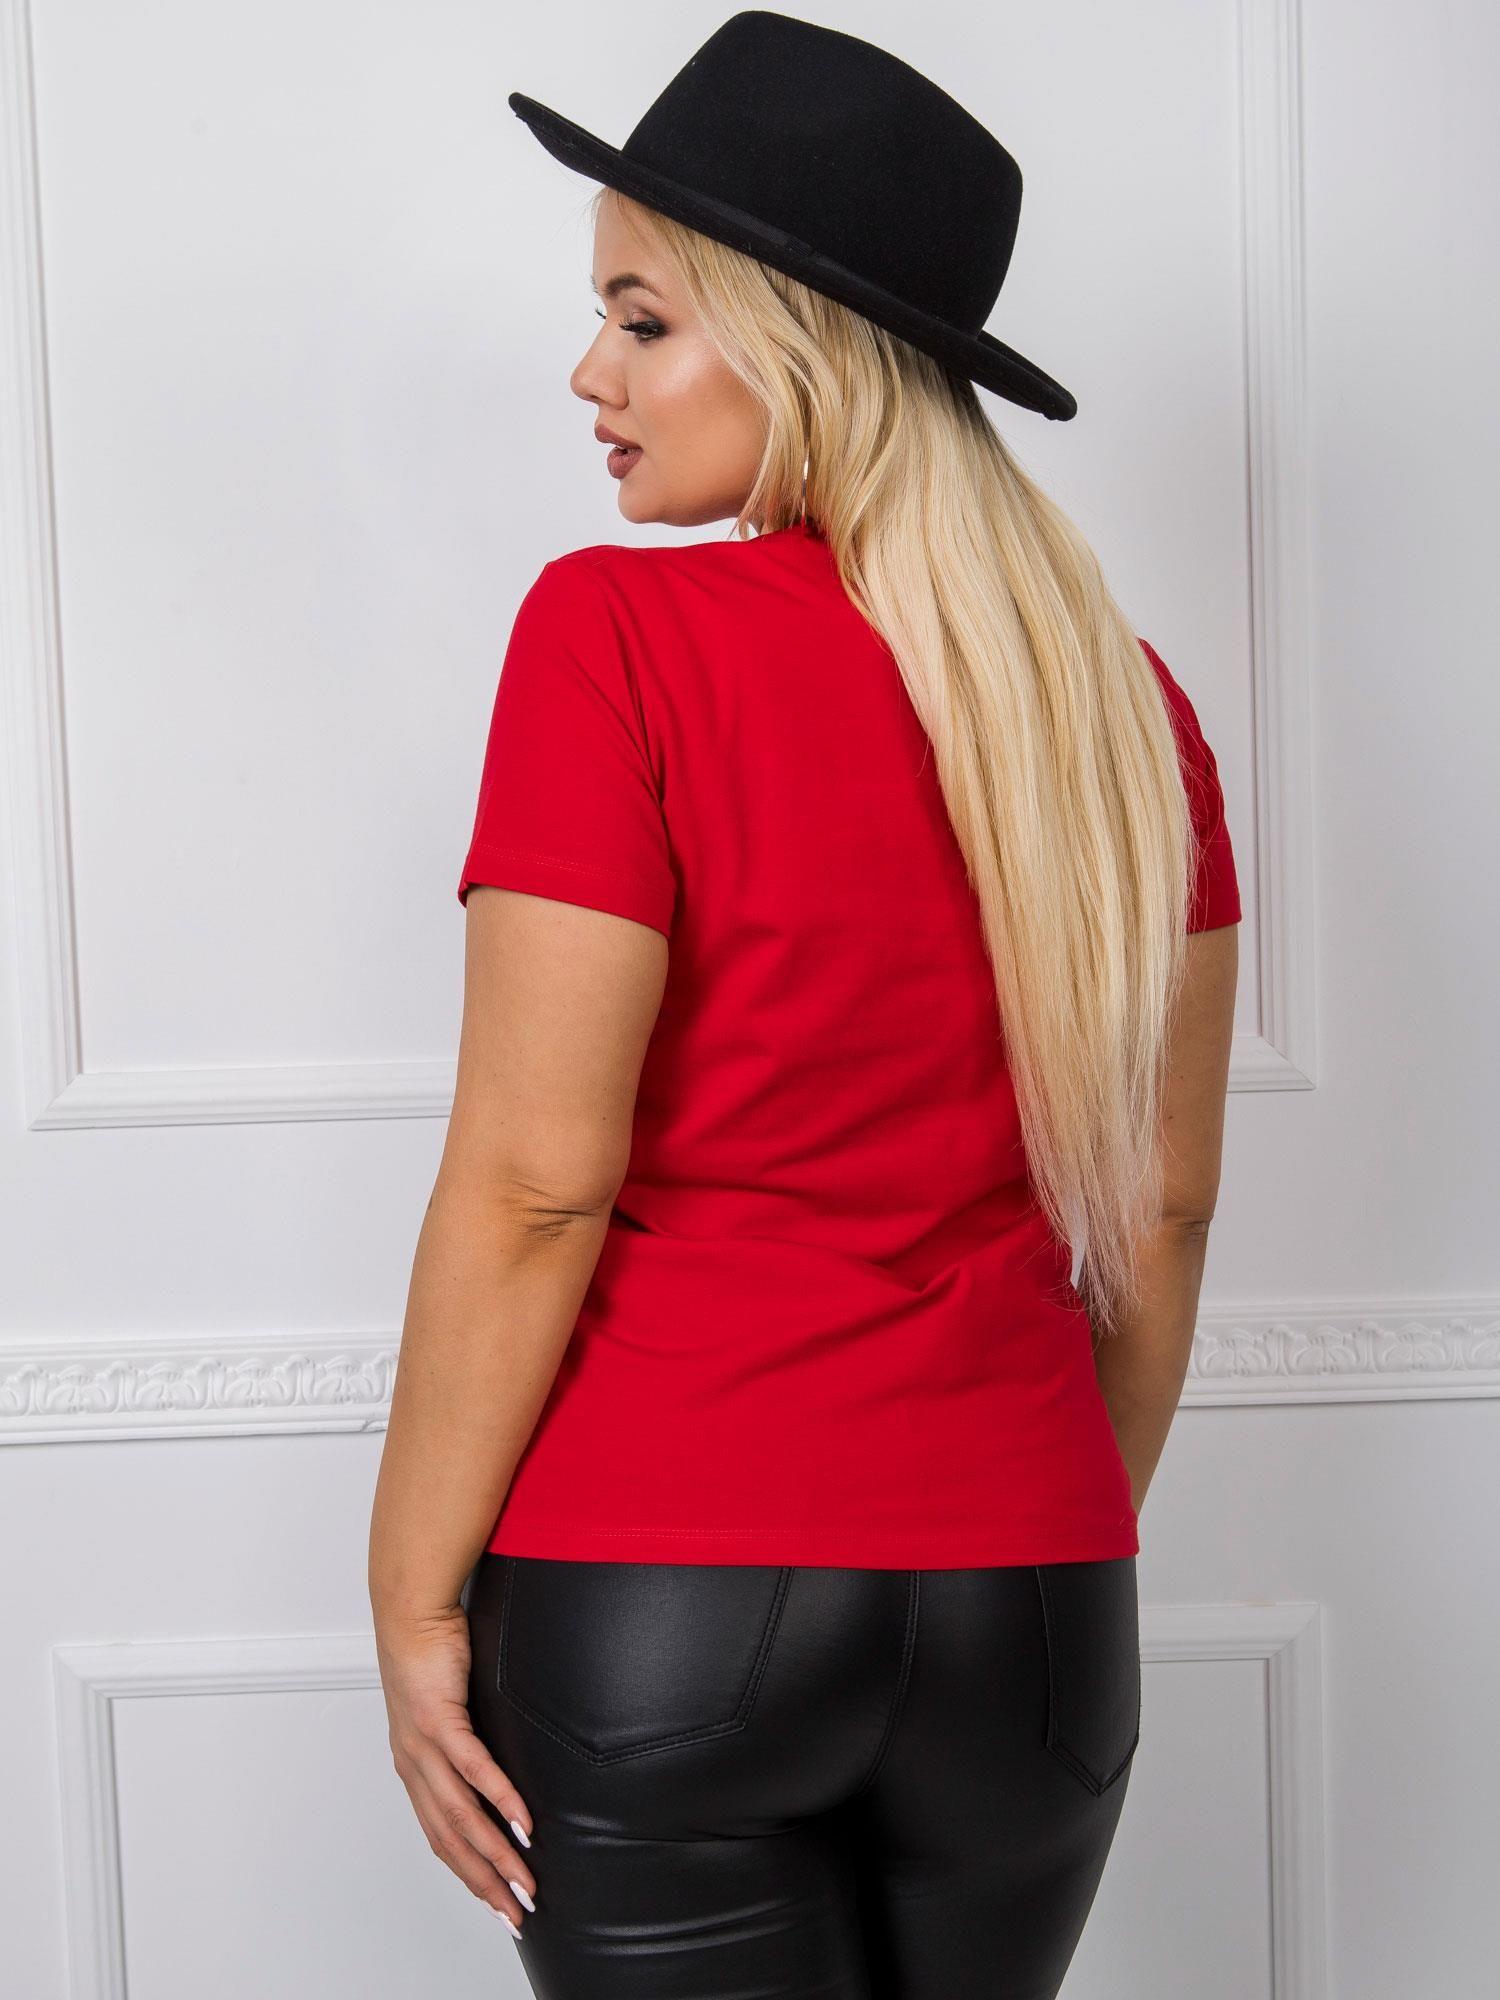 T-Shirt in Rot Rückansicht